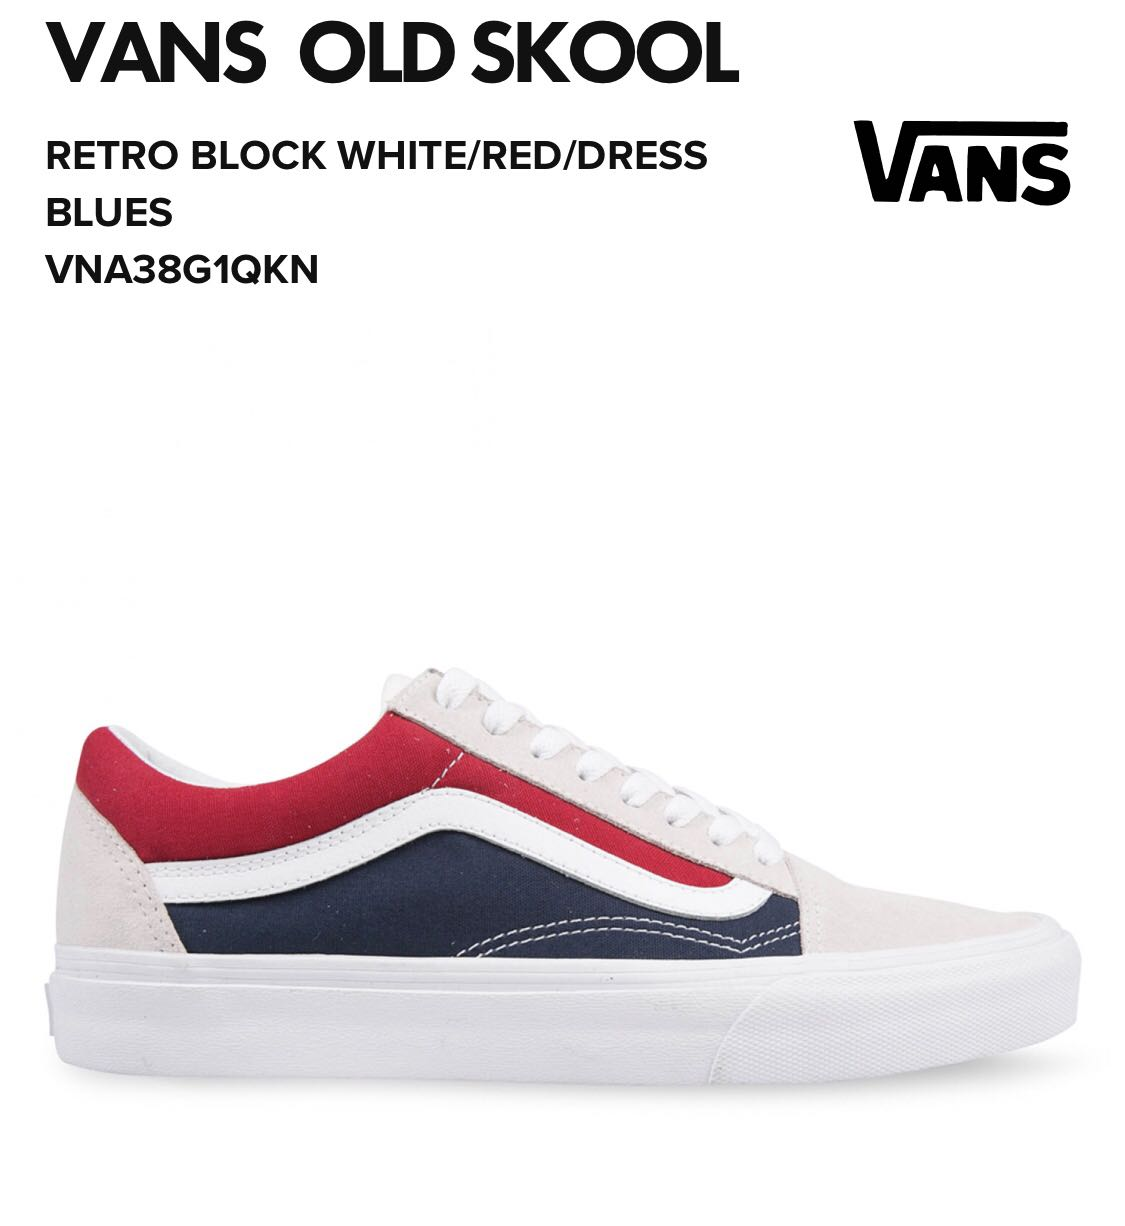 5666e90f35 Vans retro white red blue